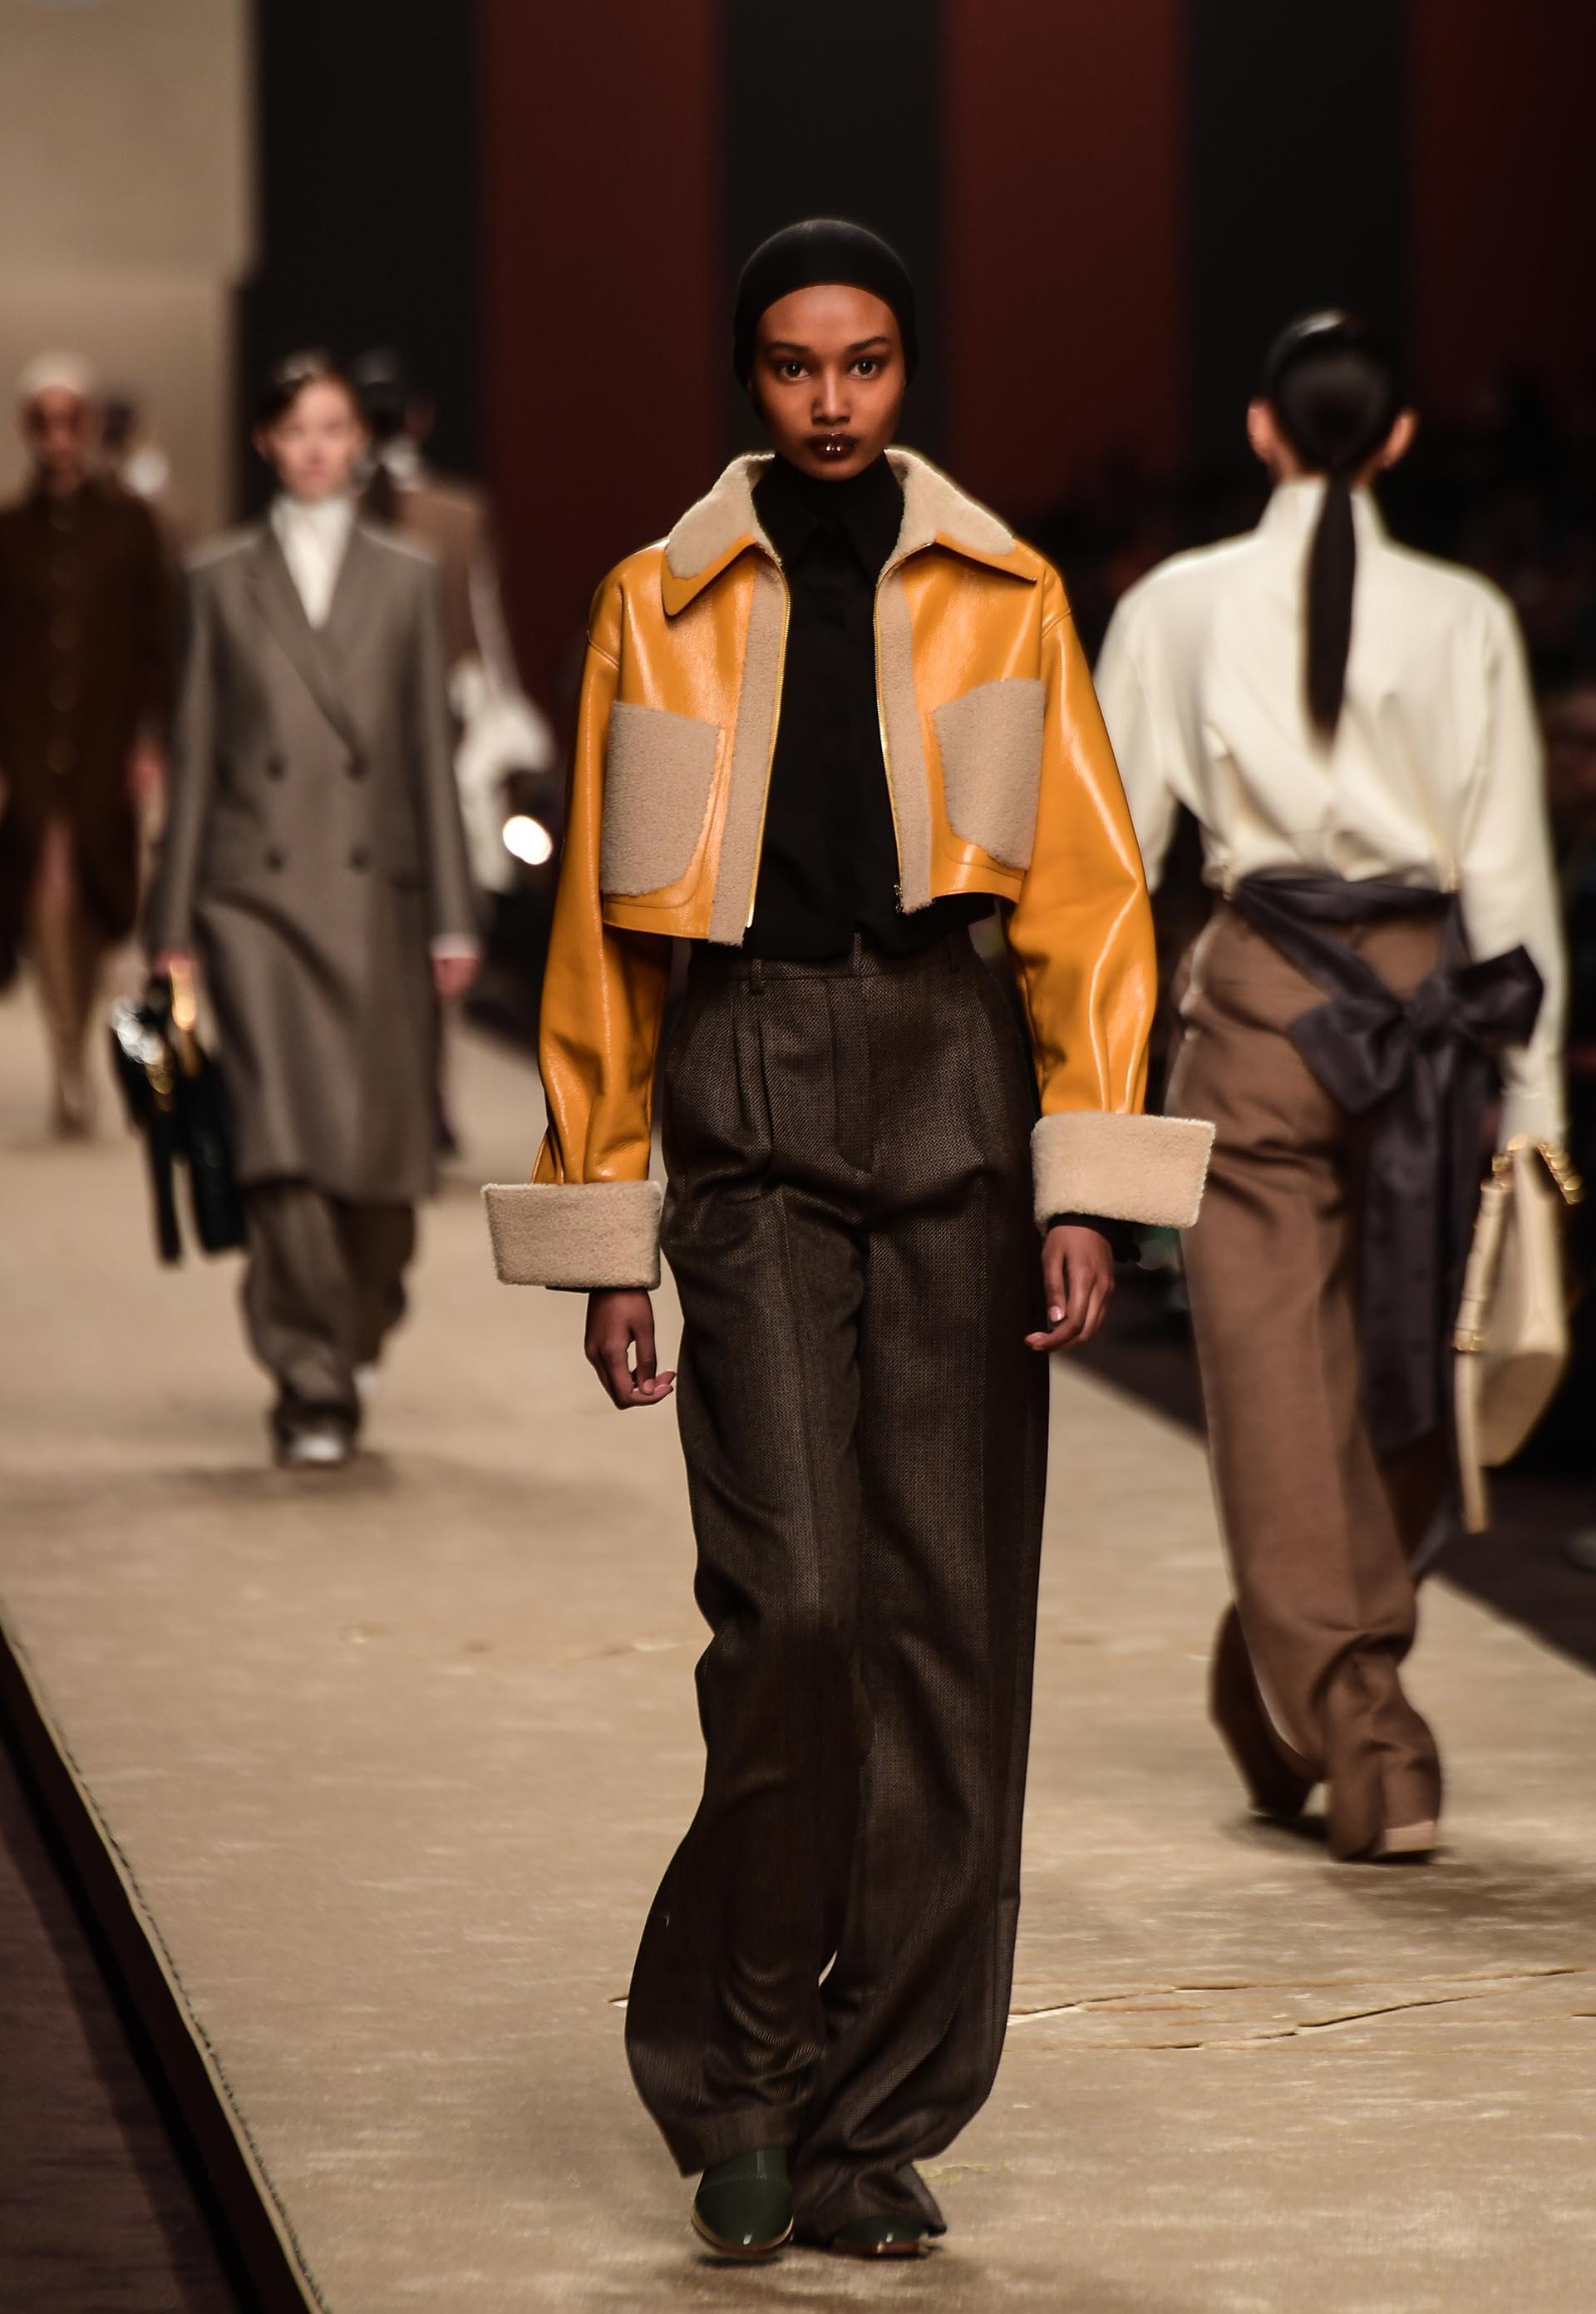 Maxi pantalones sastreros de tiro alto y chaquetas oversized para combatir el frío del invierno con combinación de géneros y texturas